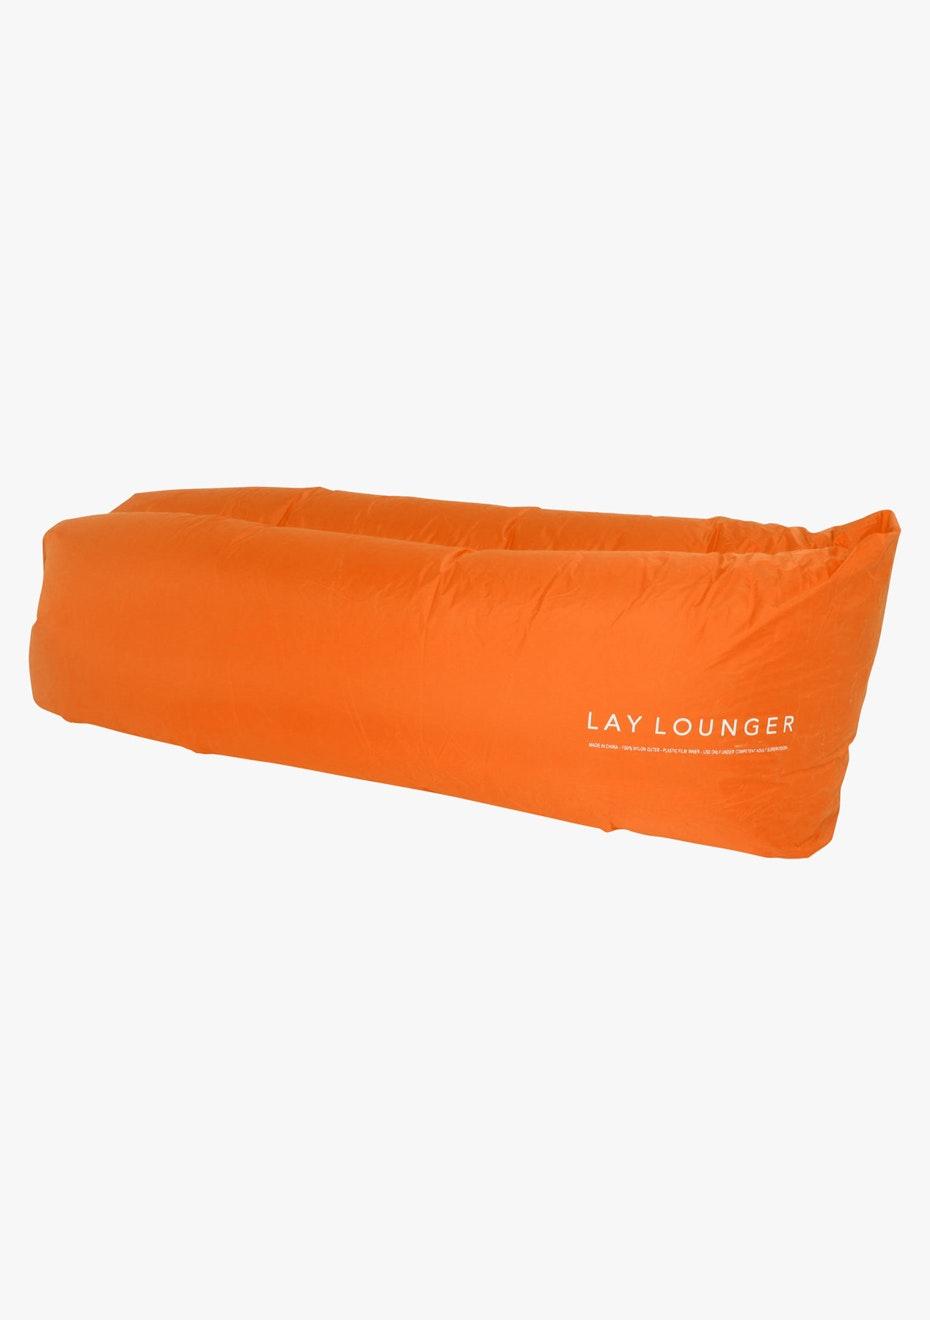 Lay Lounger Lounge Bag - Orange